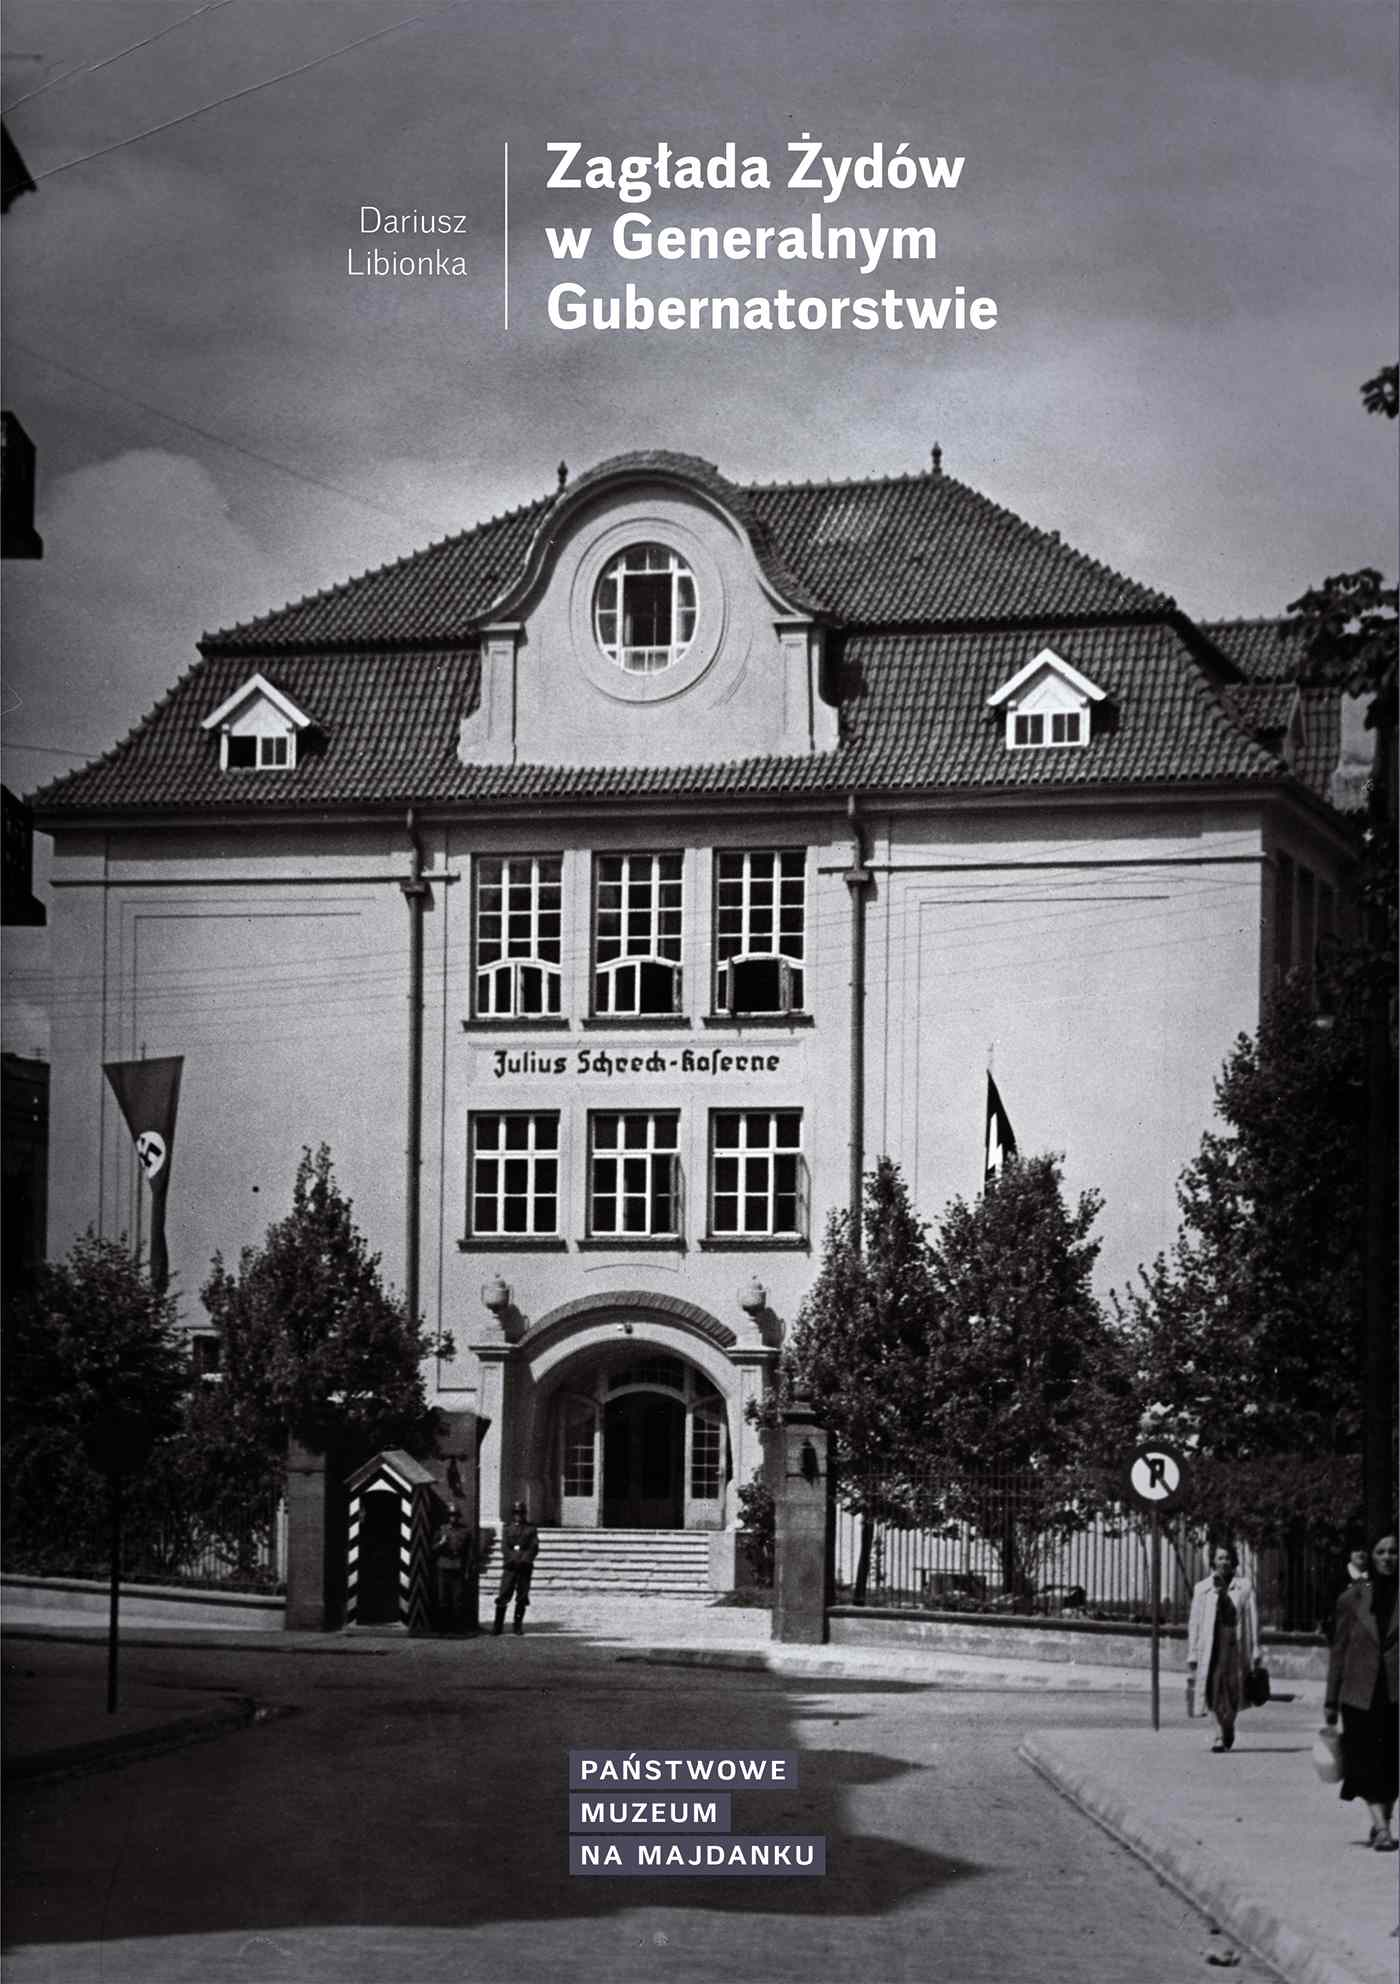 Zagłada Żydów w Generalnym Gubernatorstwie - Ebook (Książka na Kindle) do pobrania w formacie MOBI